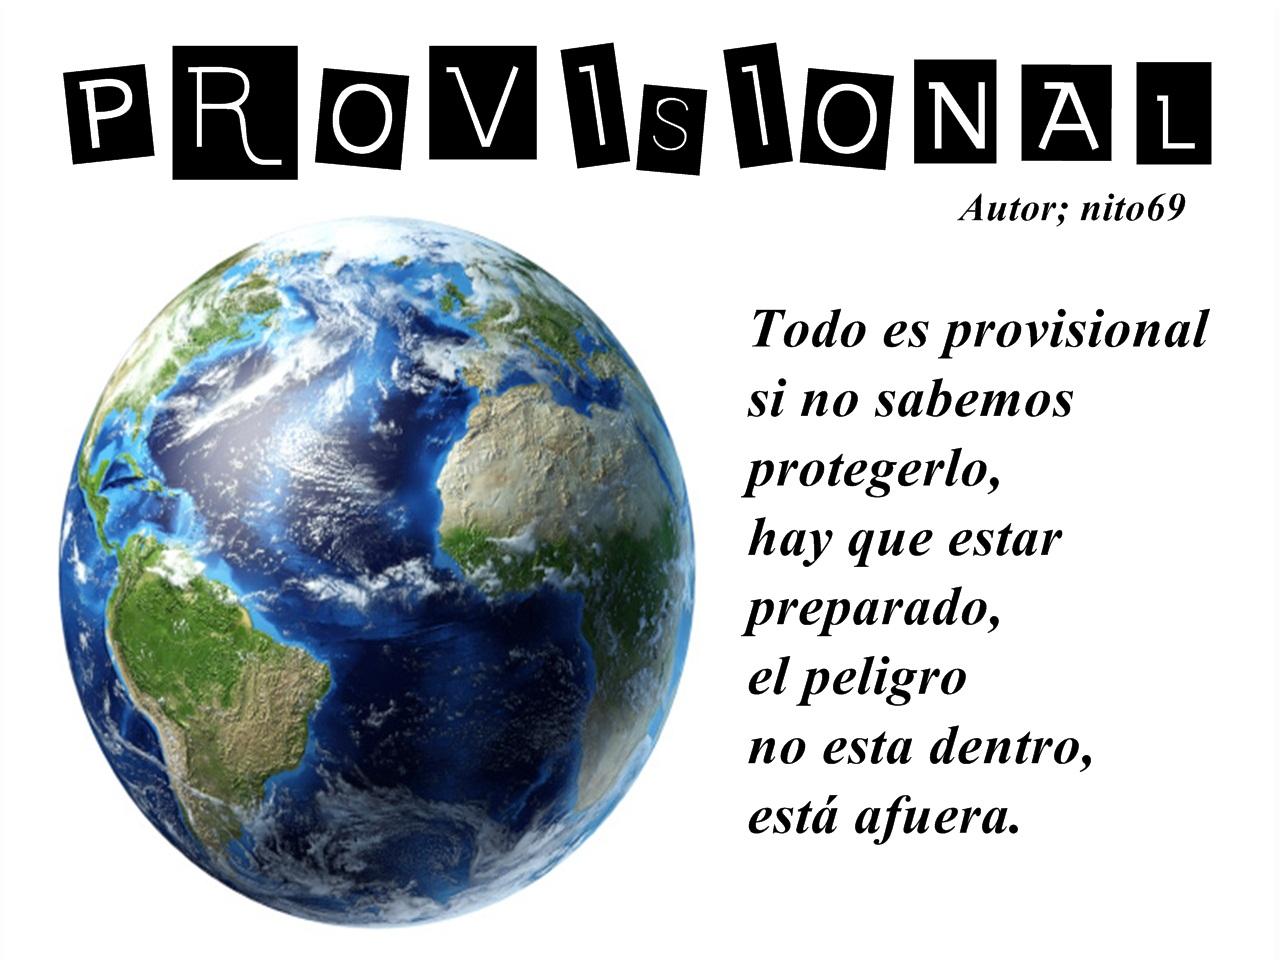 """PROVISIONAL """" Visitas, votos y comentarios en la página de los cuentos """"... 141607 12186 3240"""